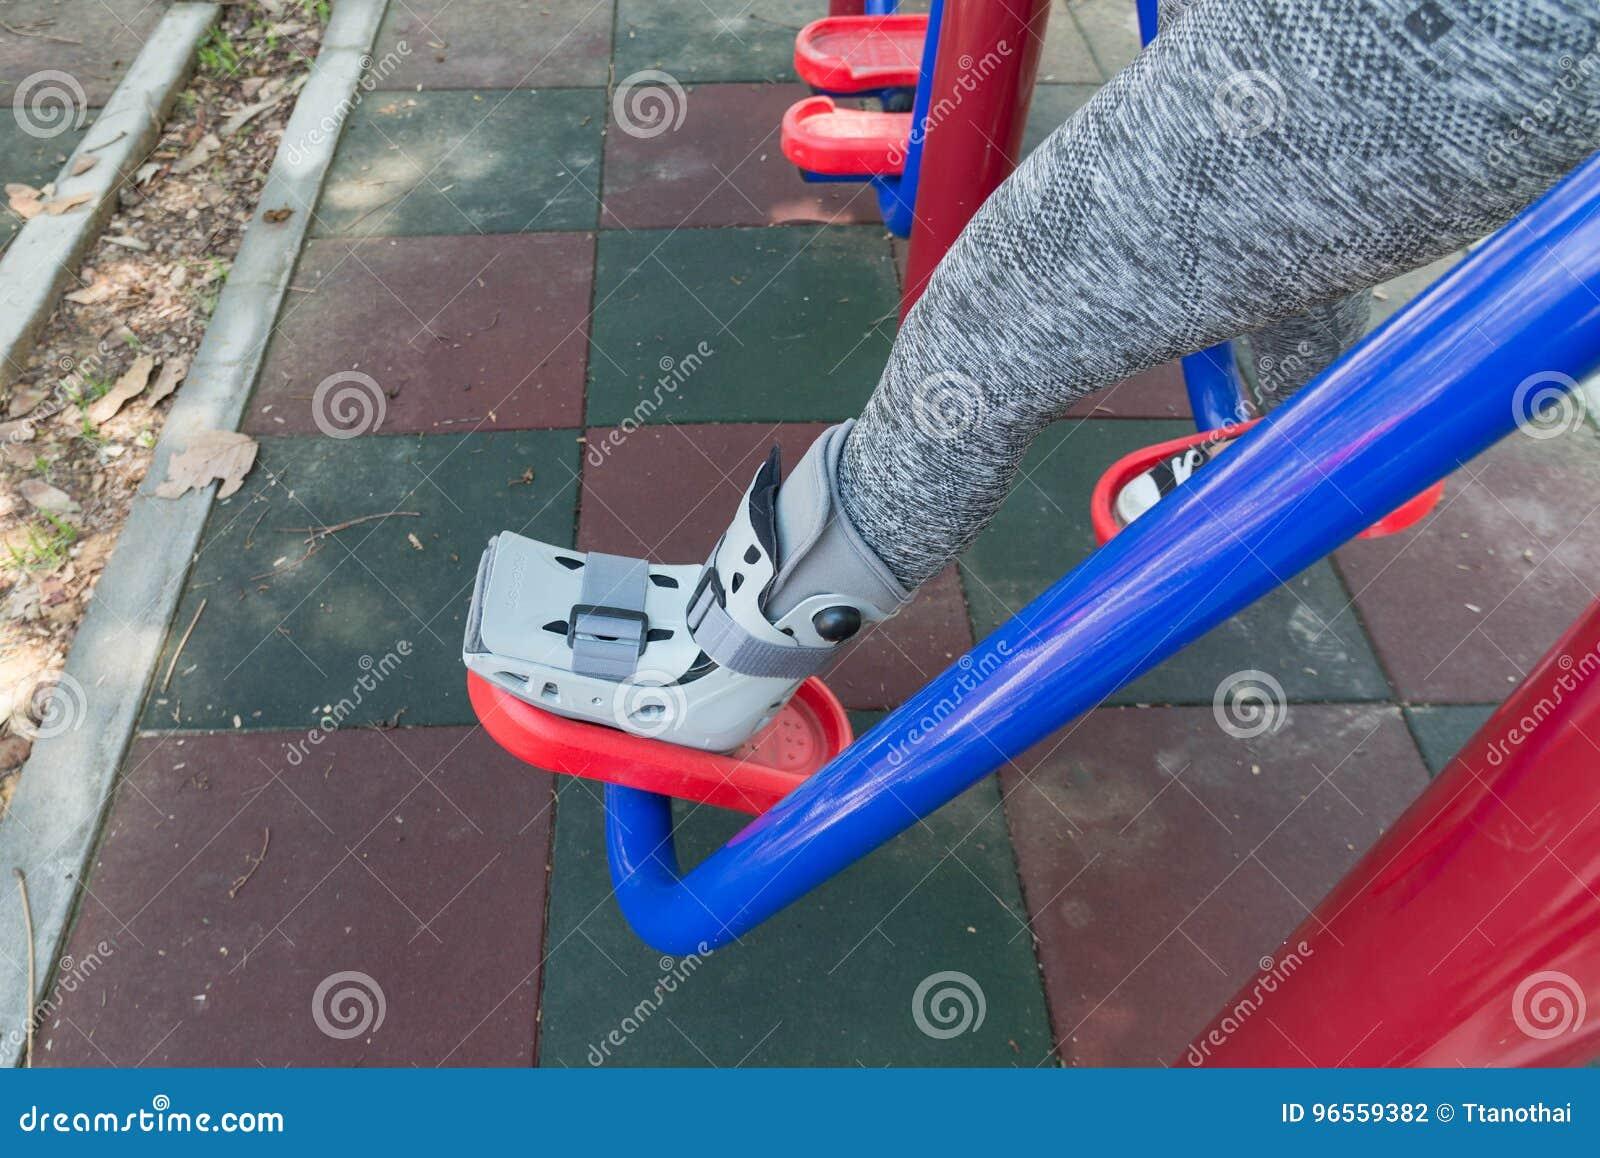 Injured Woman Wearing Sportswear Broken Ankle Wearing Ankle